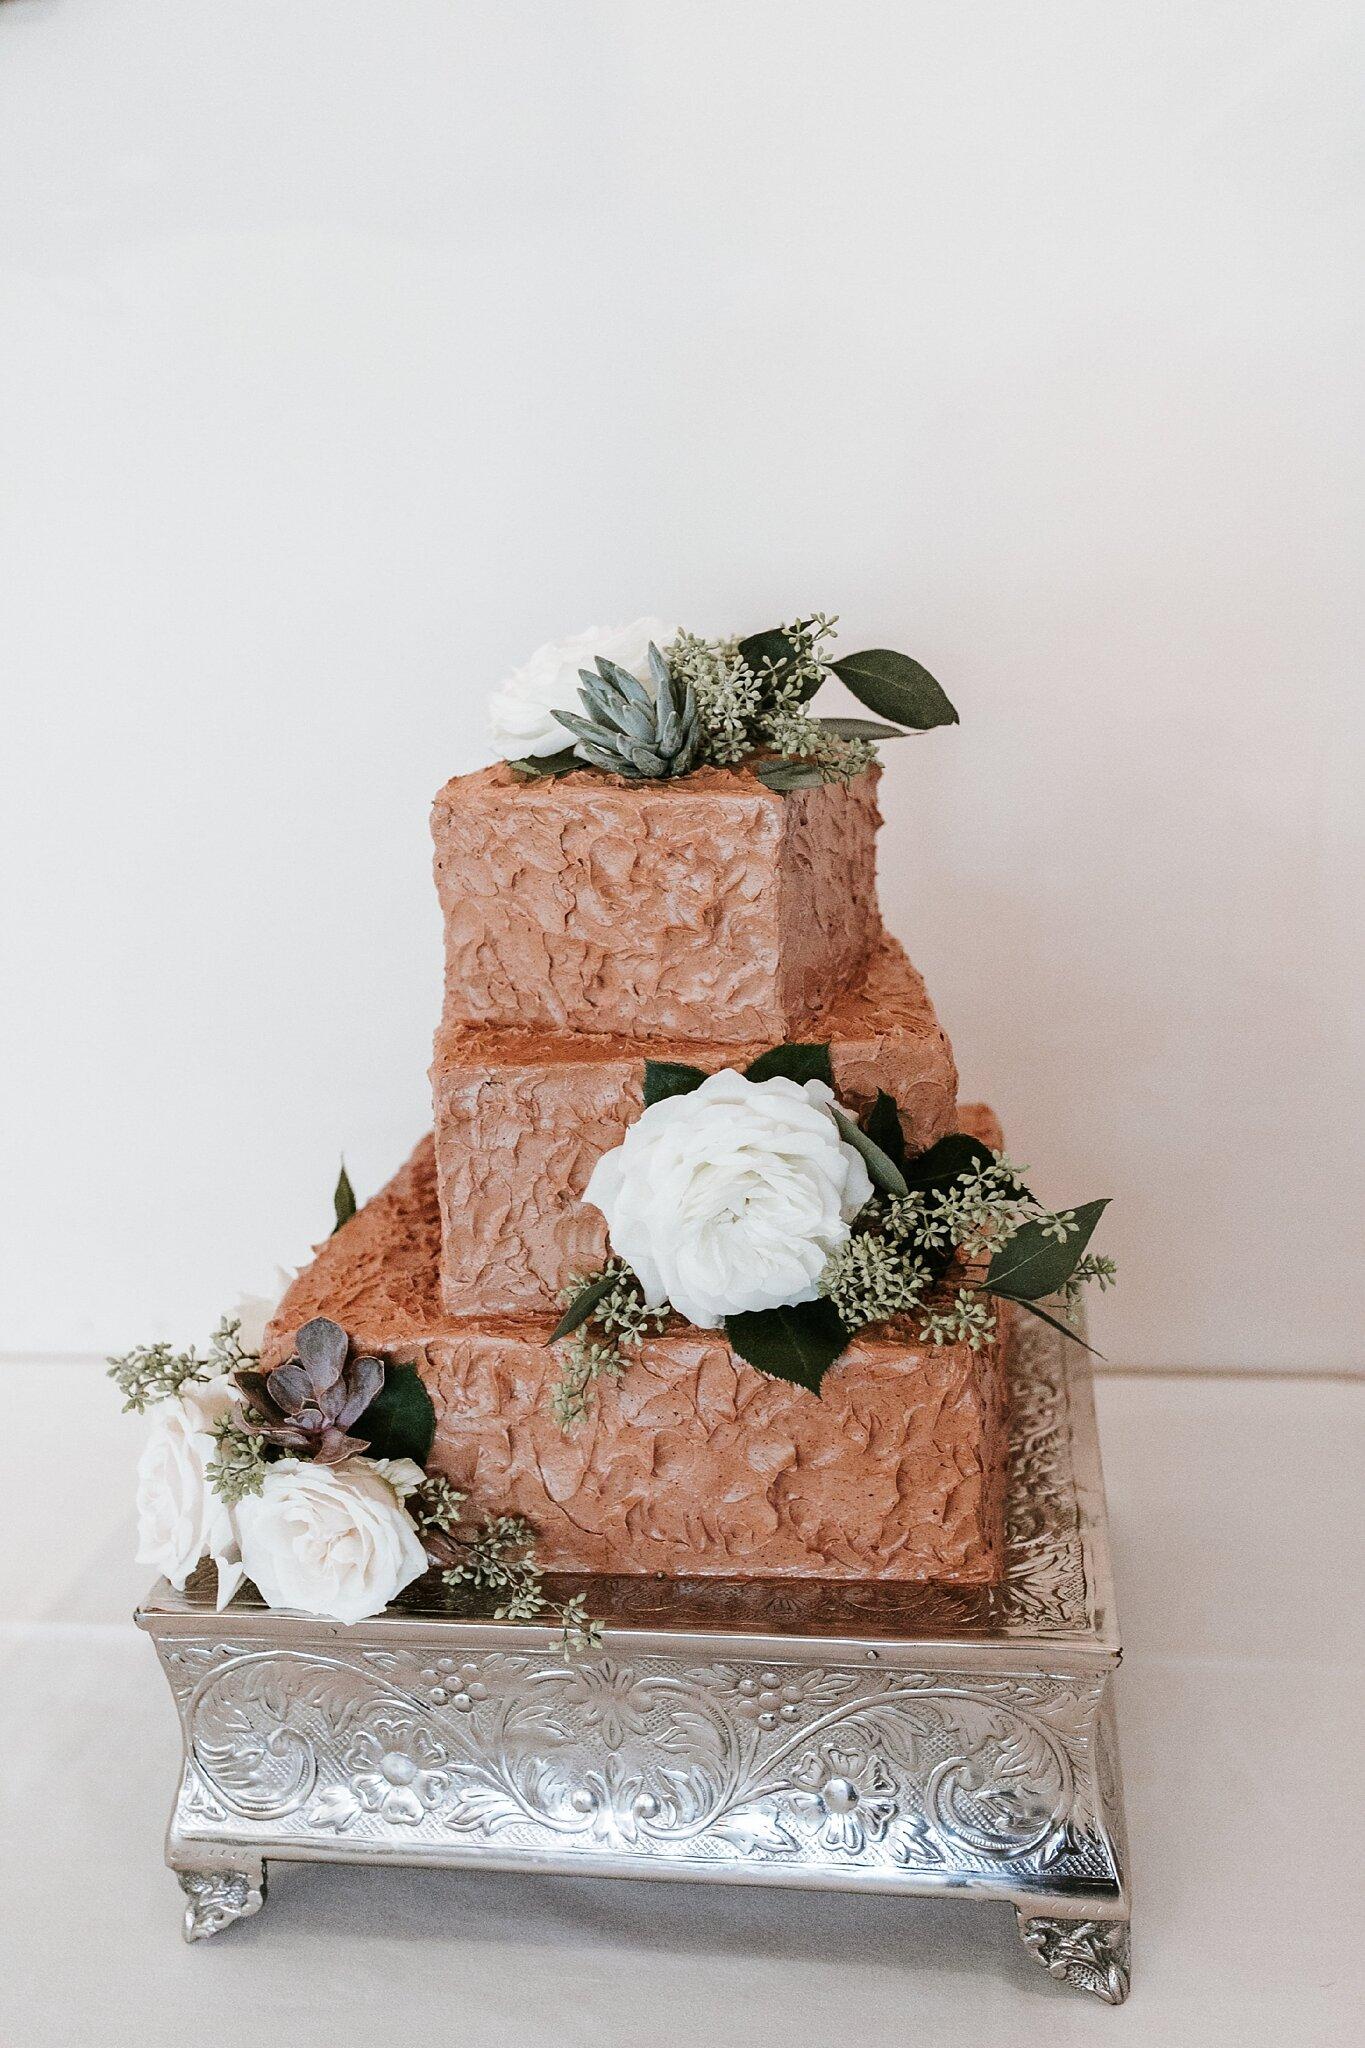 Alicia+lucia+photography+-+albuquerque+wedding+photographer+-+santa+fe+wedding+photography+-+new+mexico+wedding+photographer+-+new+mexico+wedding+-+wedding+-+wedding+cakes+-+flroal+cake+-+santa+fe+cake+-+santa+fe+baker_0005.jpg